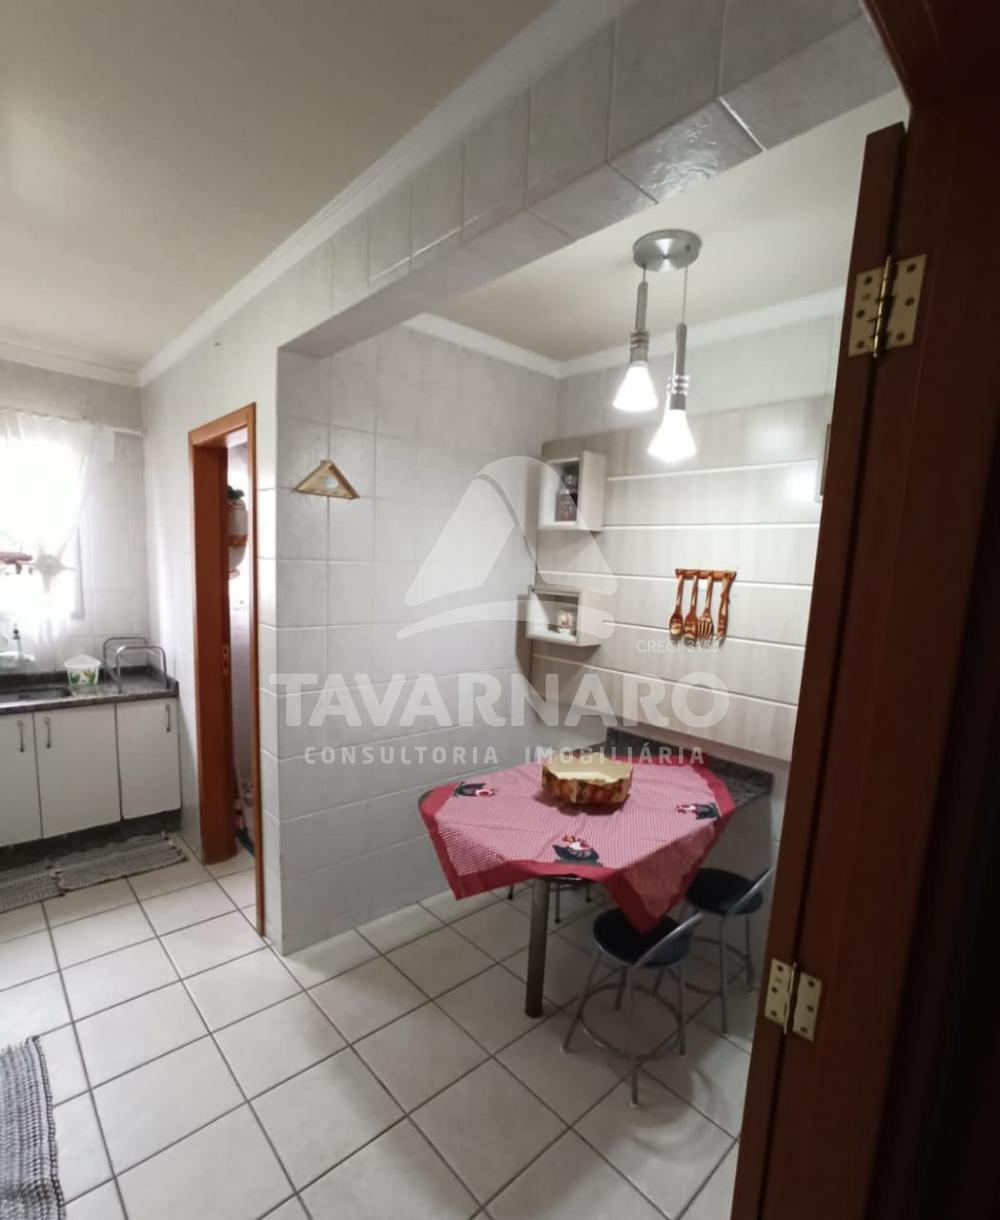 Comprar Apartamento / Padrão em Ponta Grossa R$ 270.000,00 - Foto 7